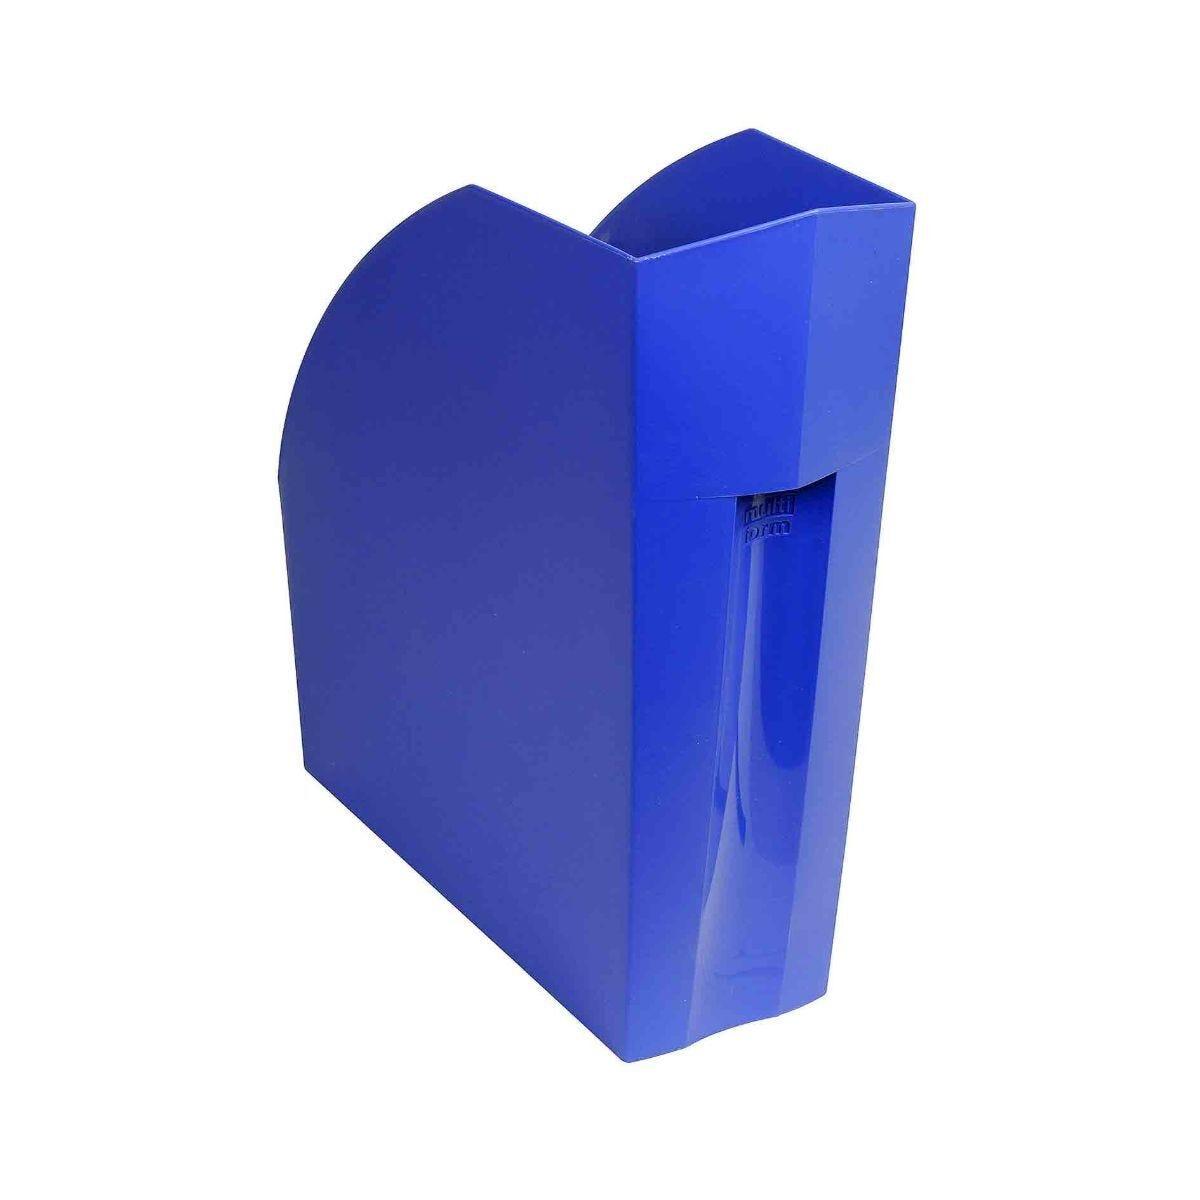 Exacompta Forever Magazine File Cobalt Blue